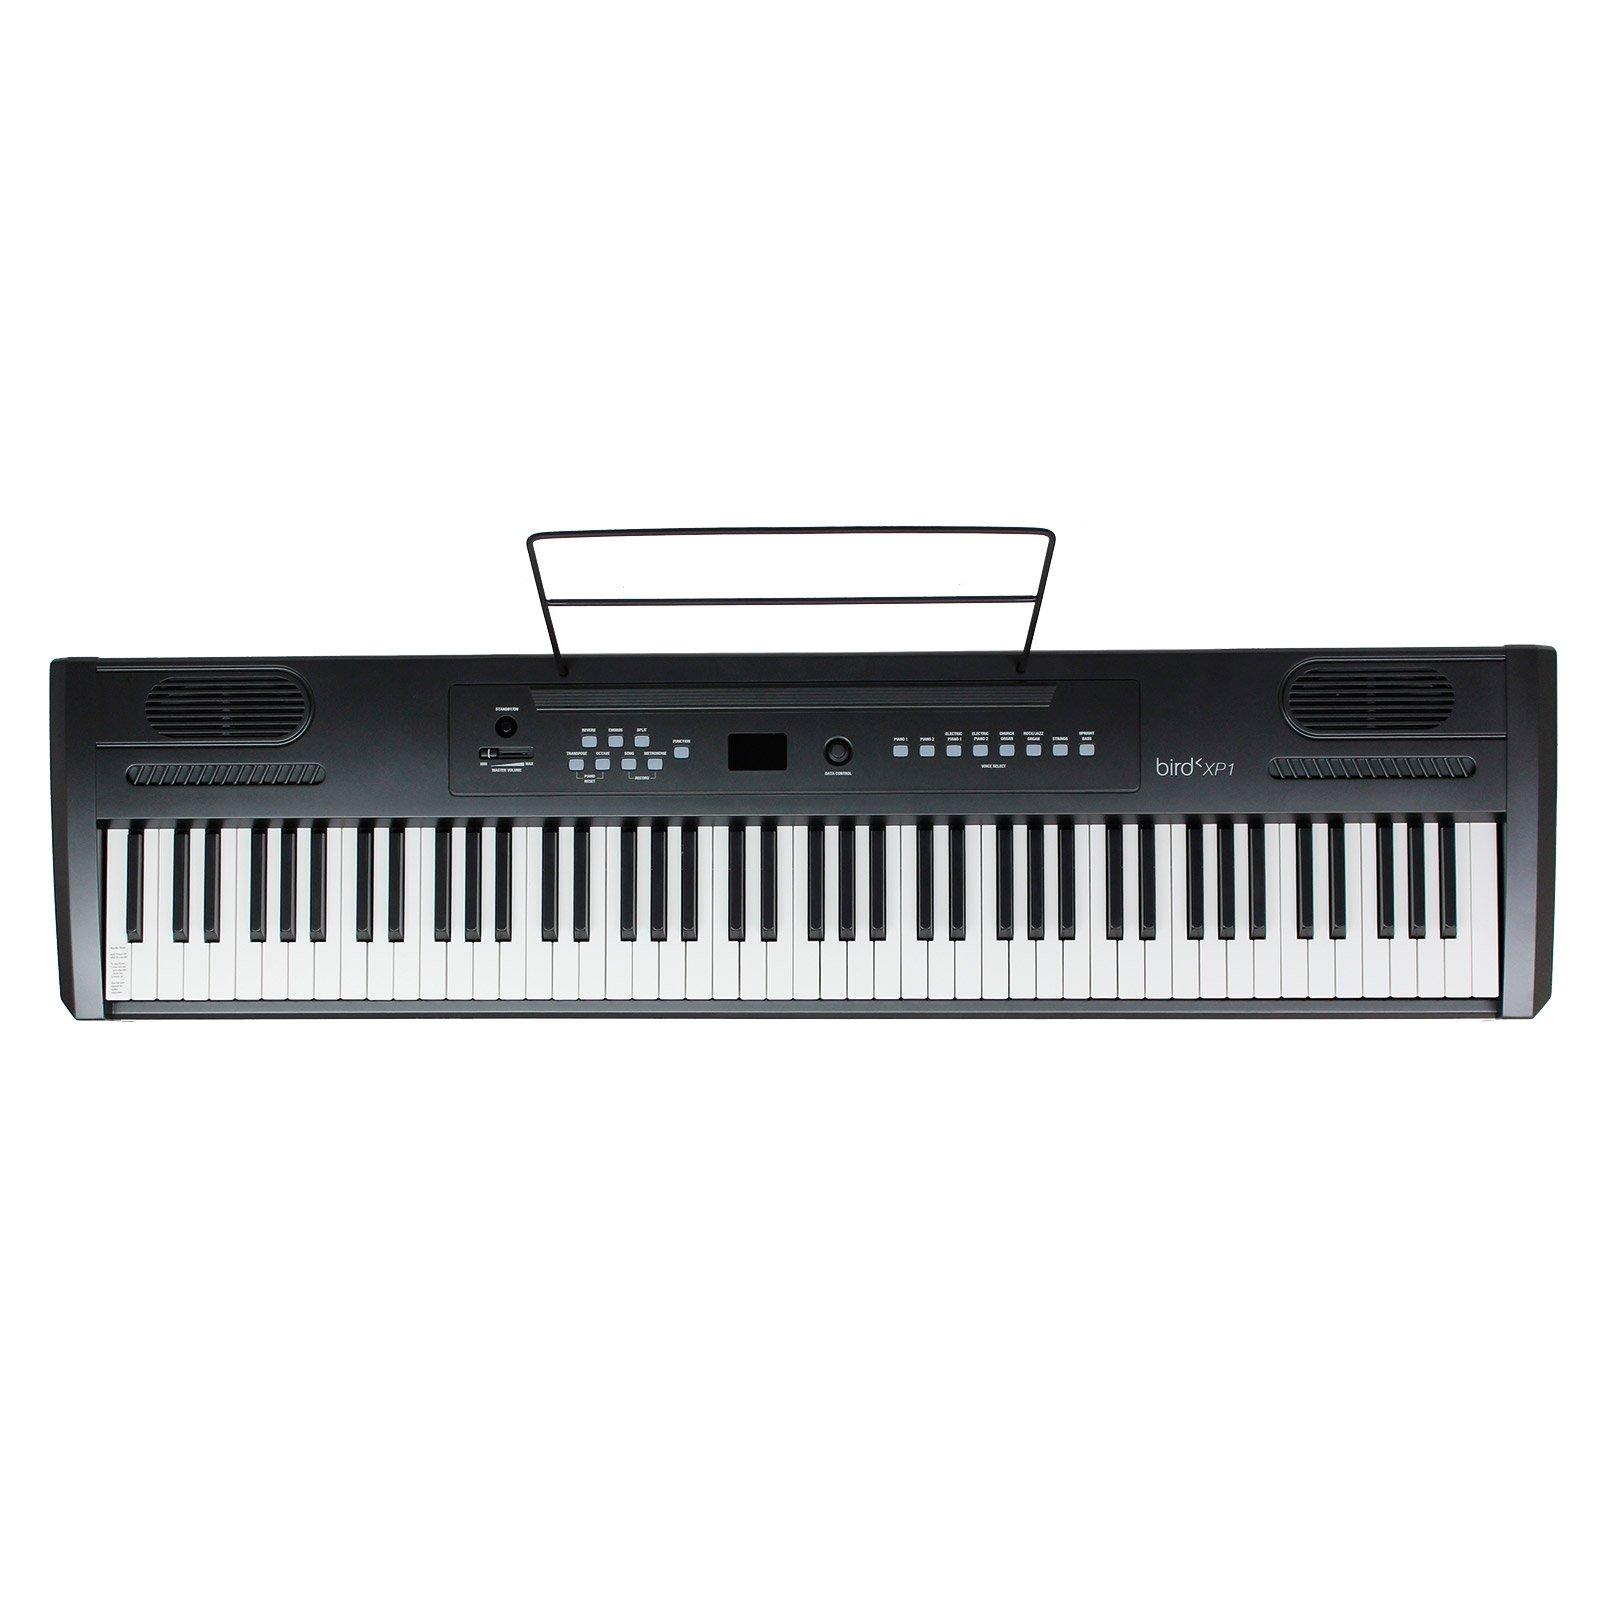 Bird XP1 Piano numérique portable Noir